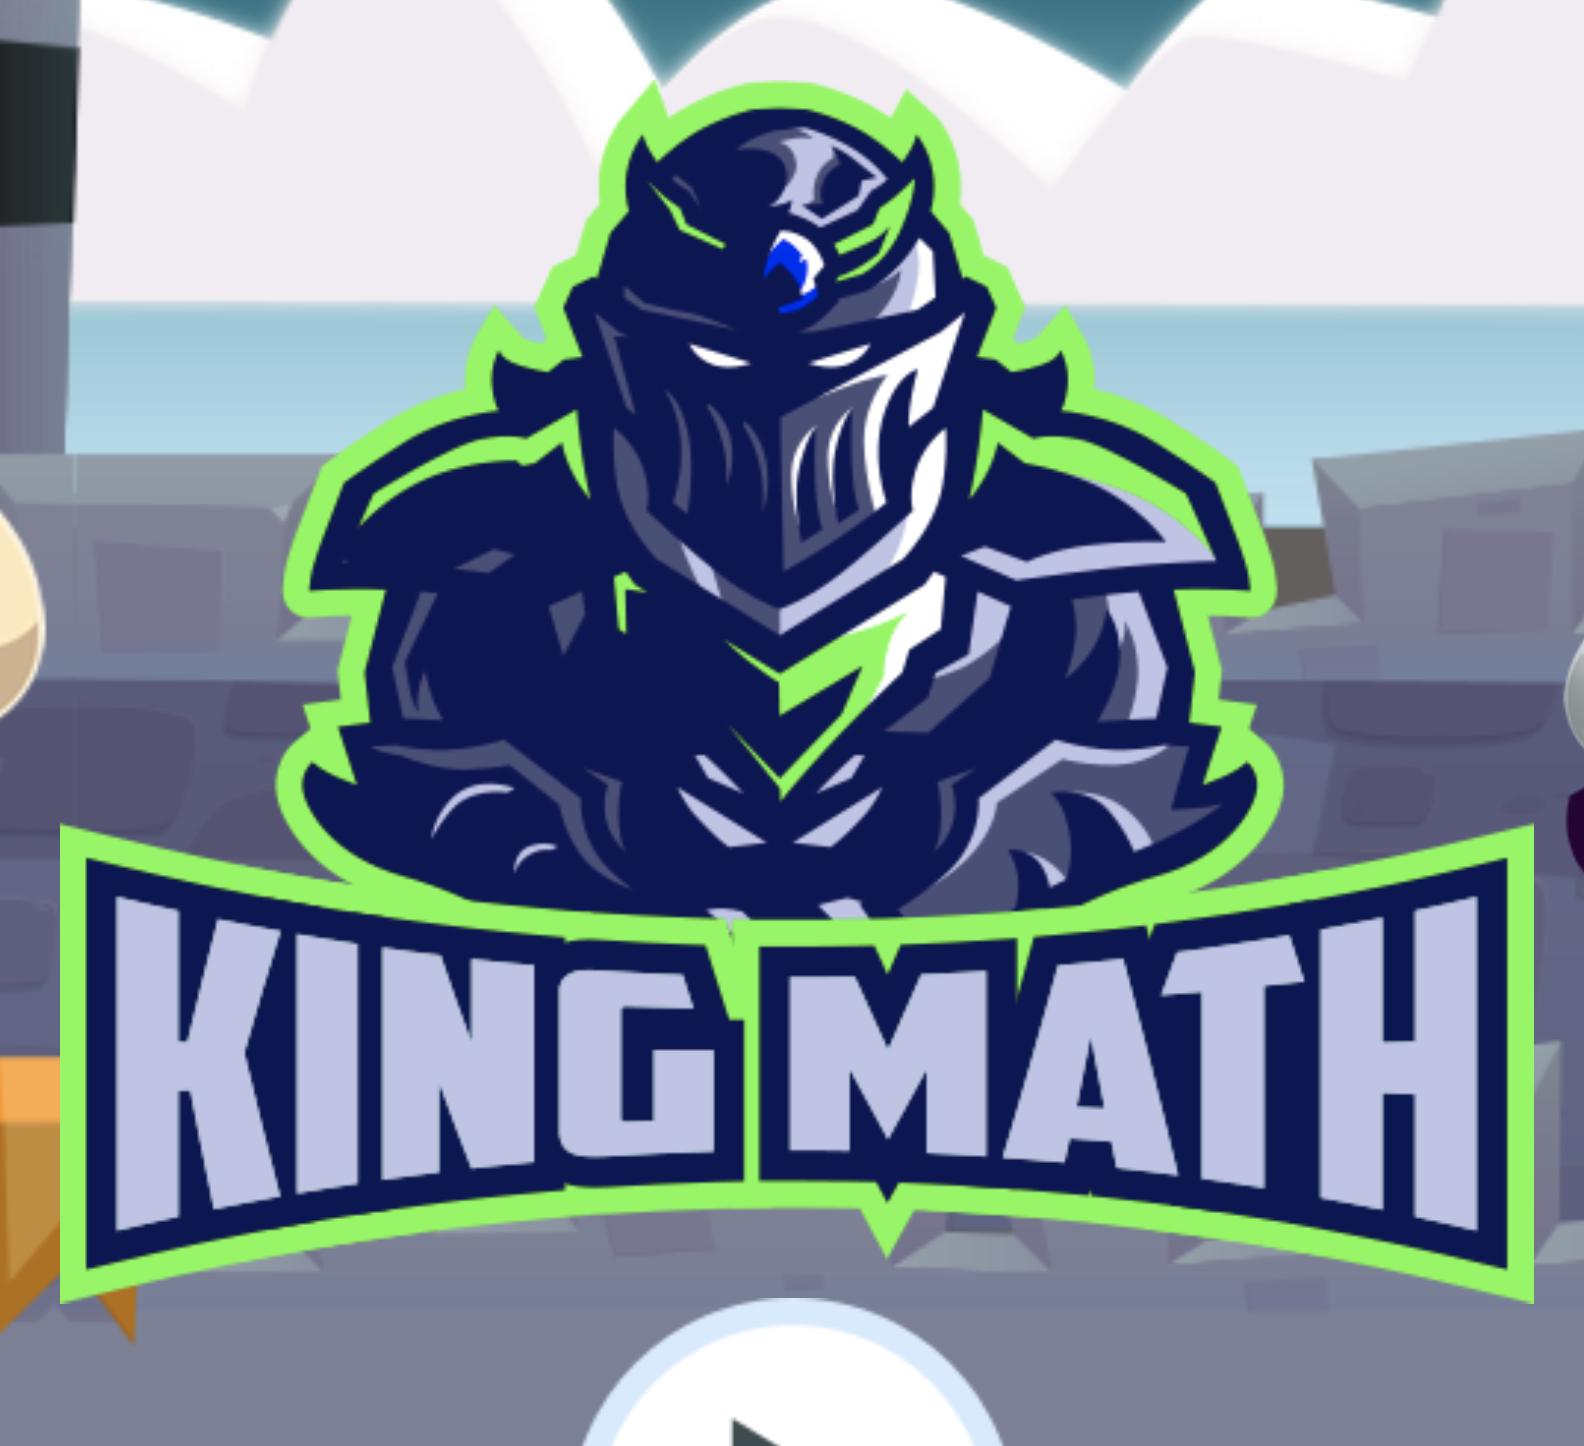 King Math